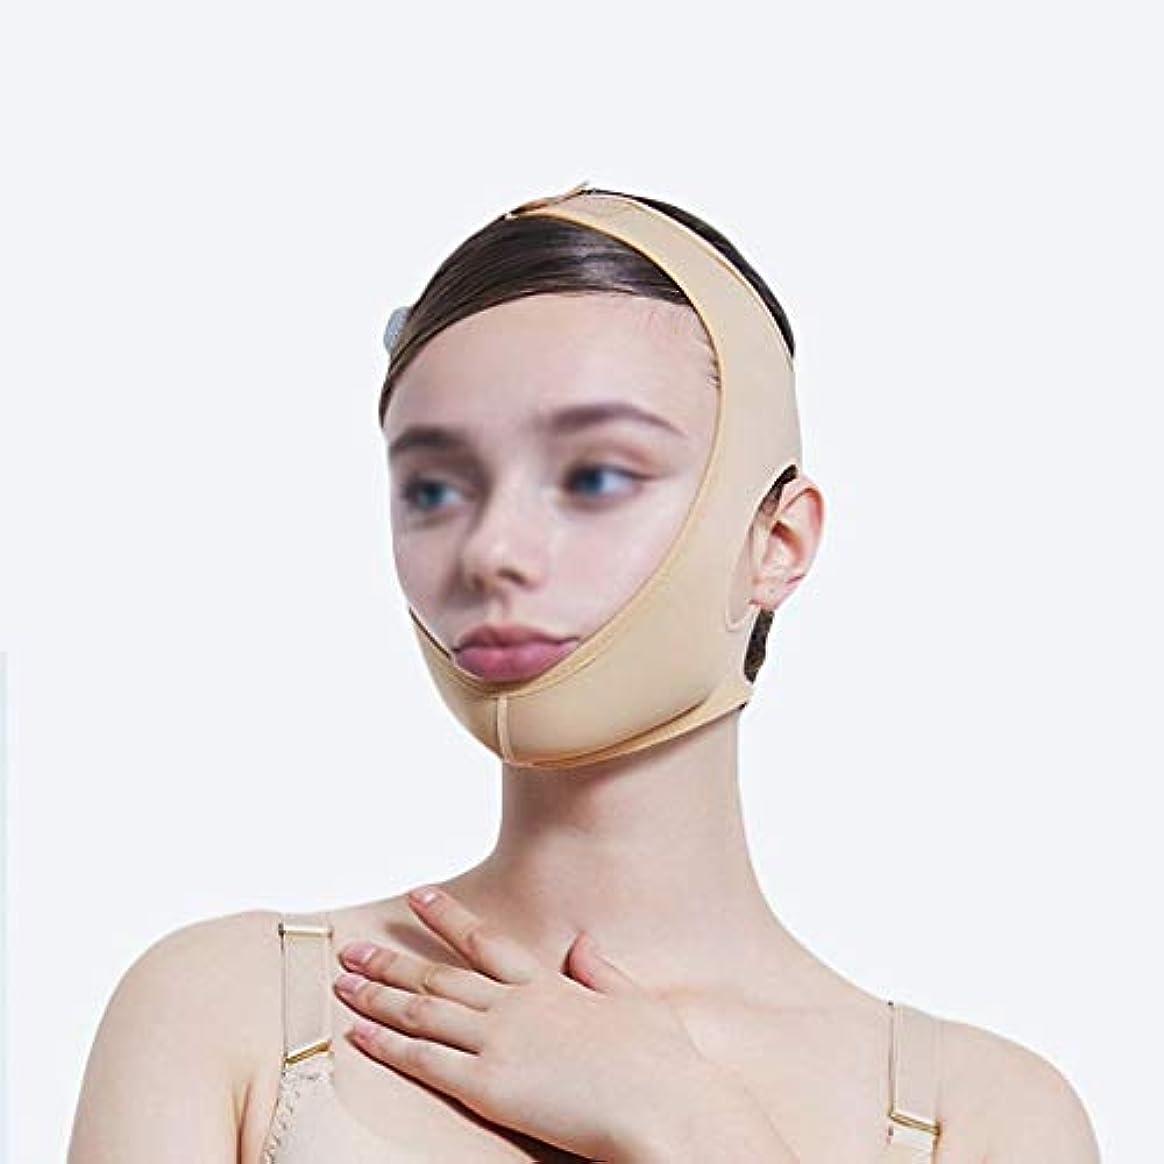 四回要塞嘆願フェイシャルライン、頬、しわ防止フェイシャル減量、フェイスバンド、フェイスマスク、フェイスリフティング、通気性、ダブルチンストラップ(サイズ:XXL),XXL